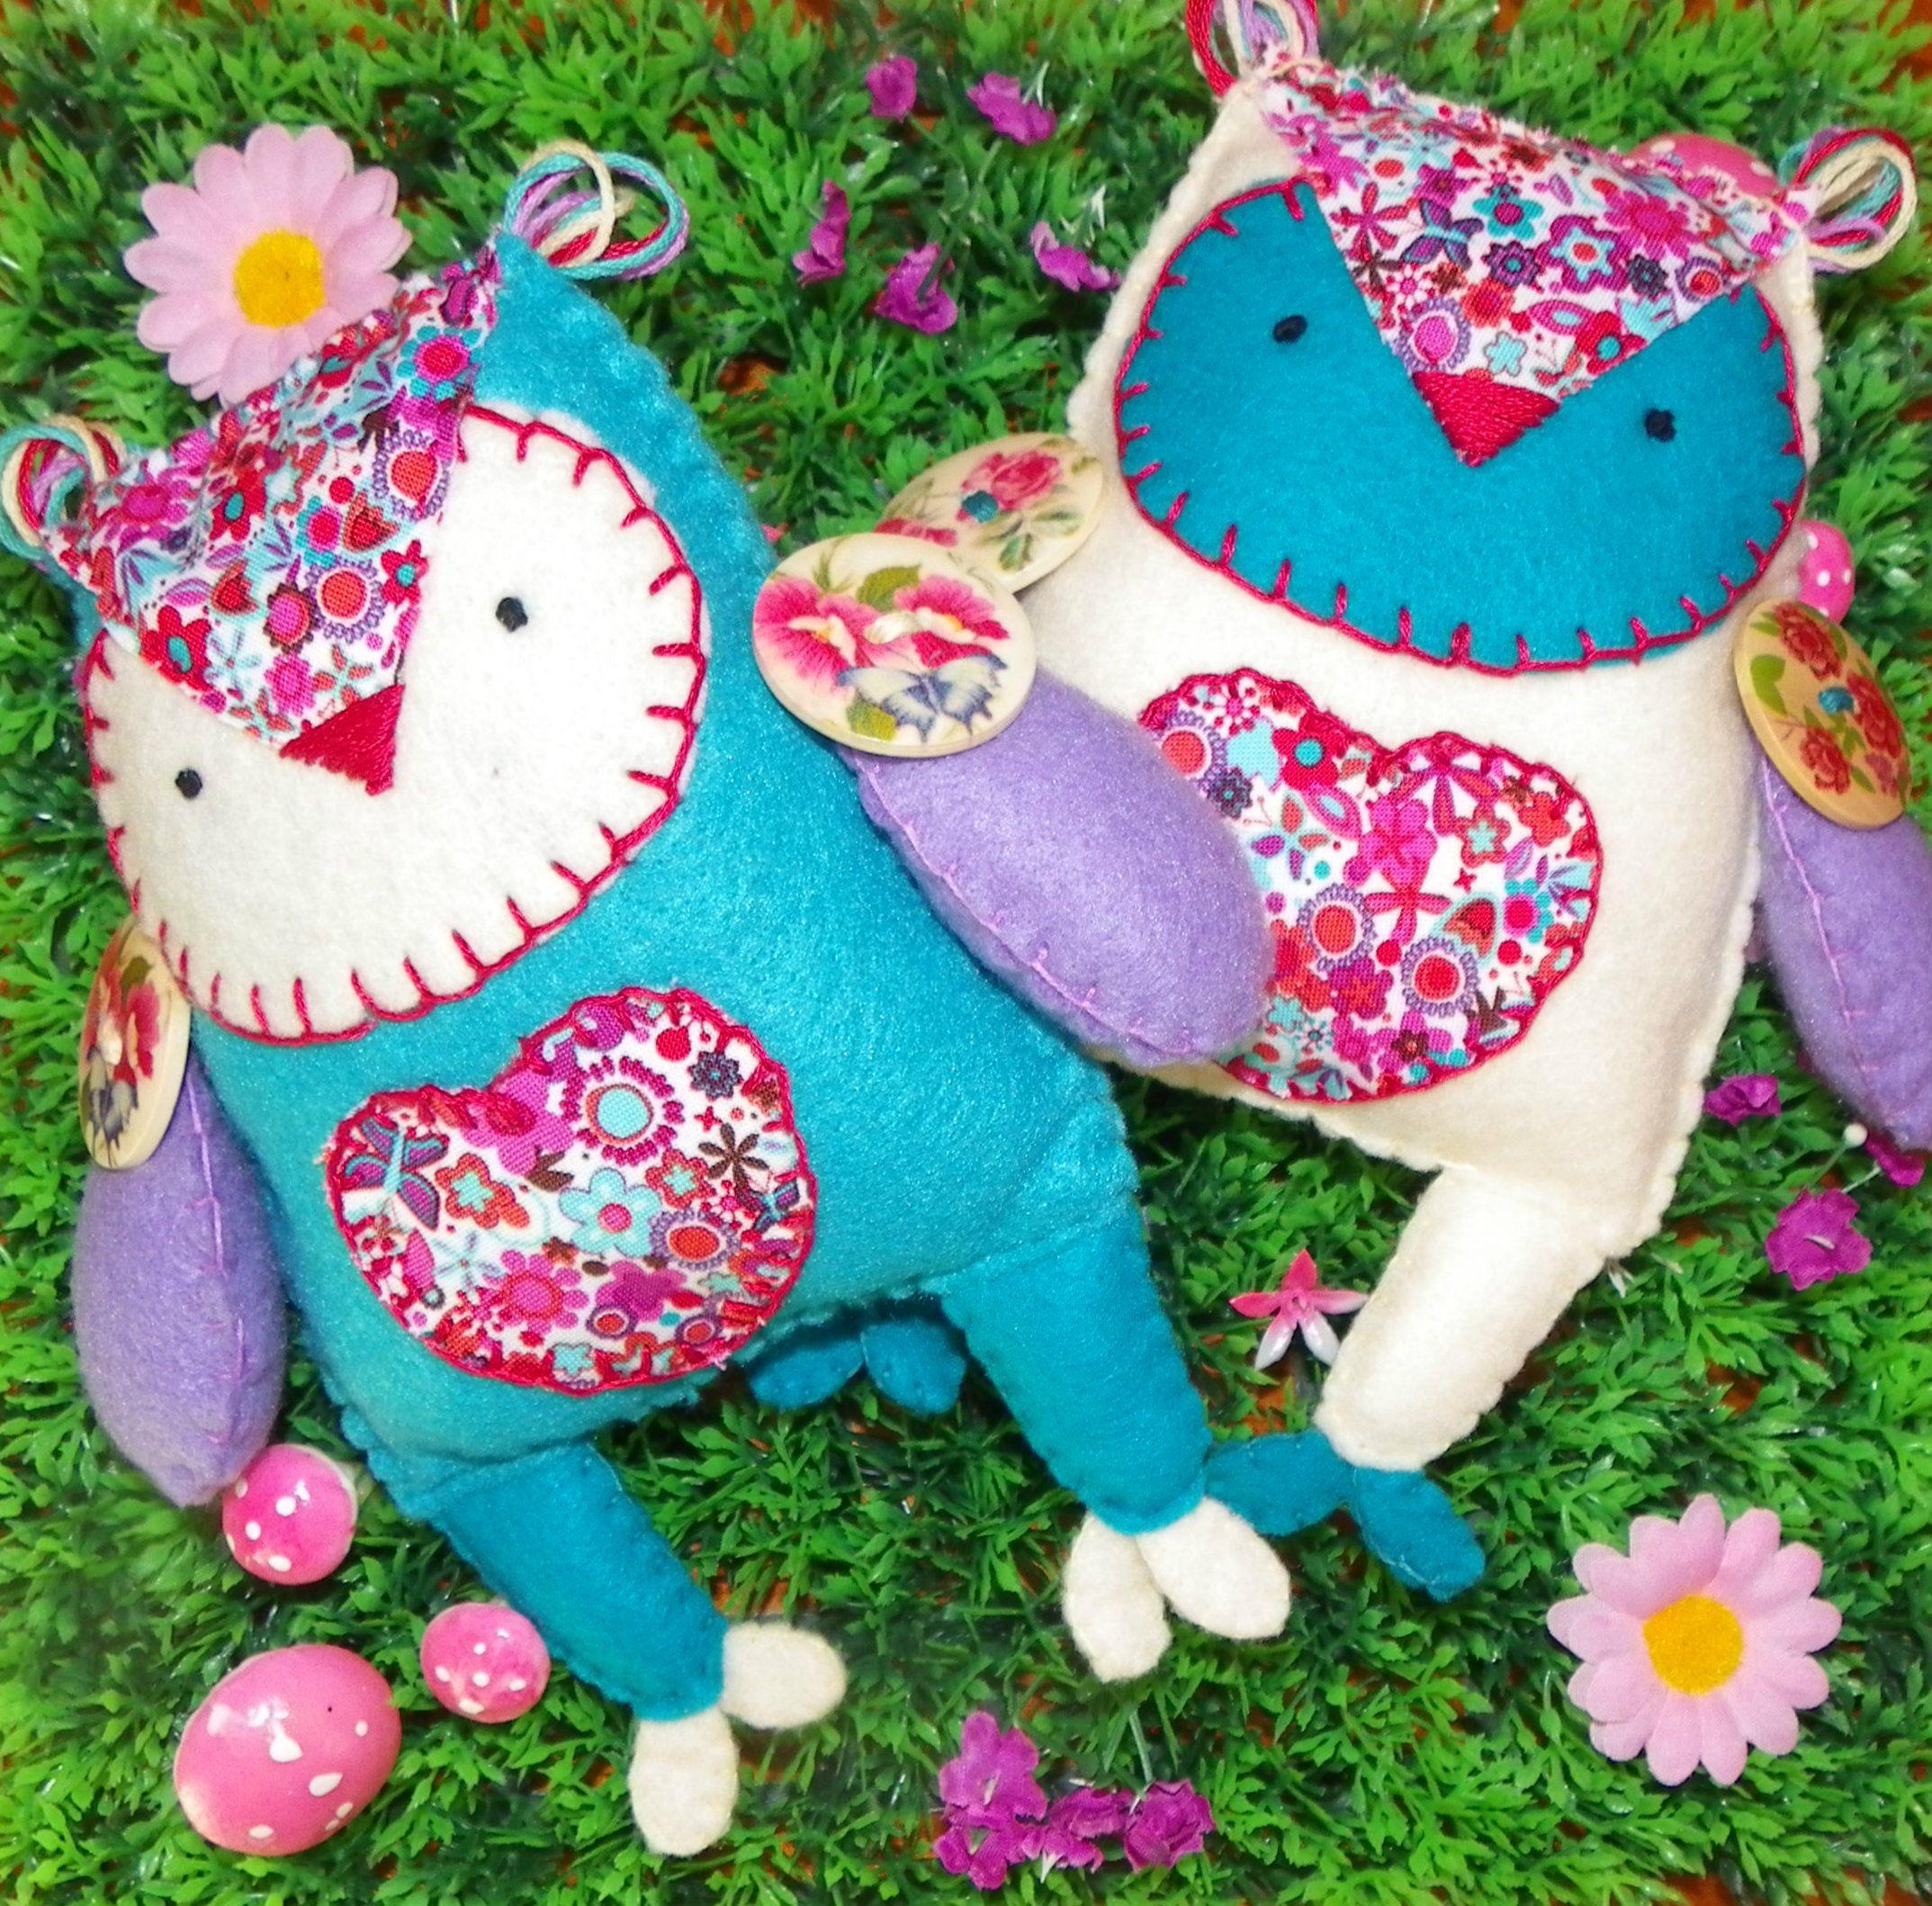 Best friend owl softies - matching felt owls - www.facebook.com/puddleducklings